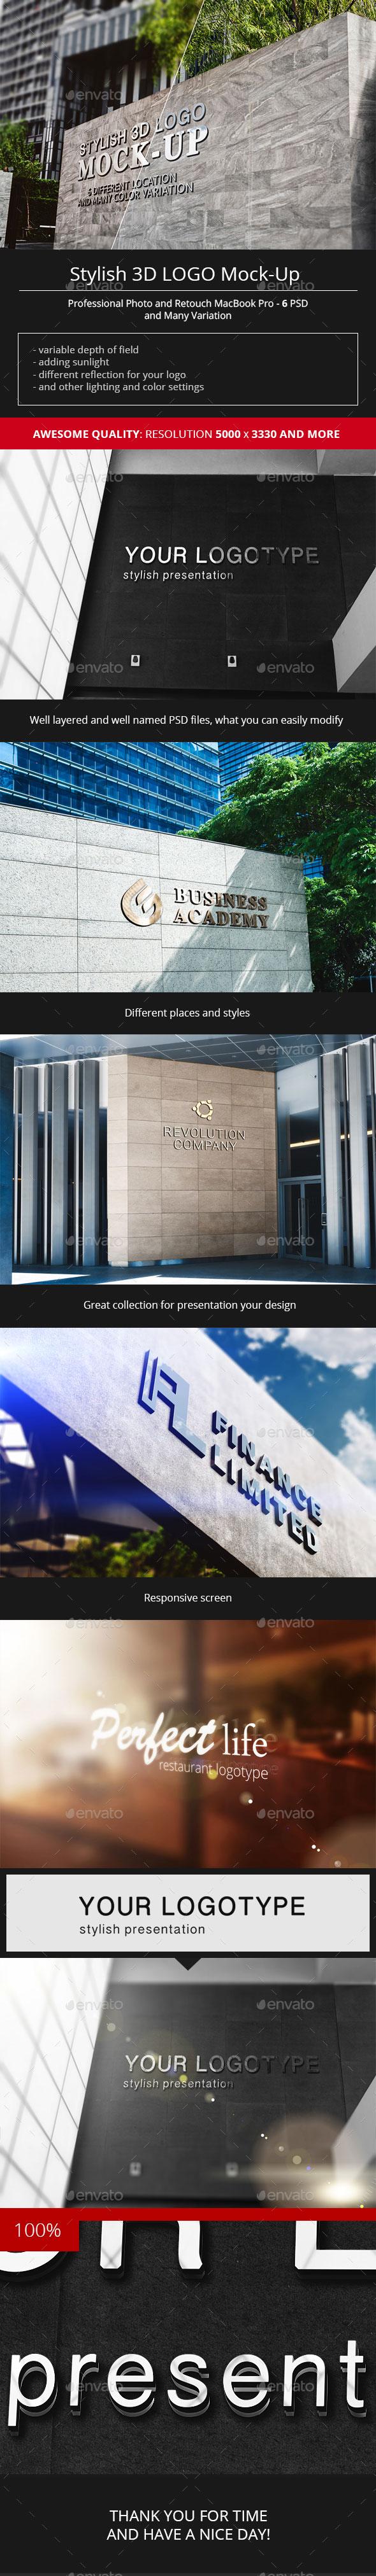 公司logo墙样机